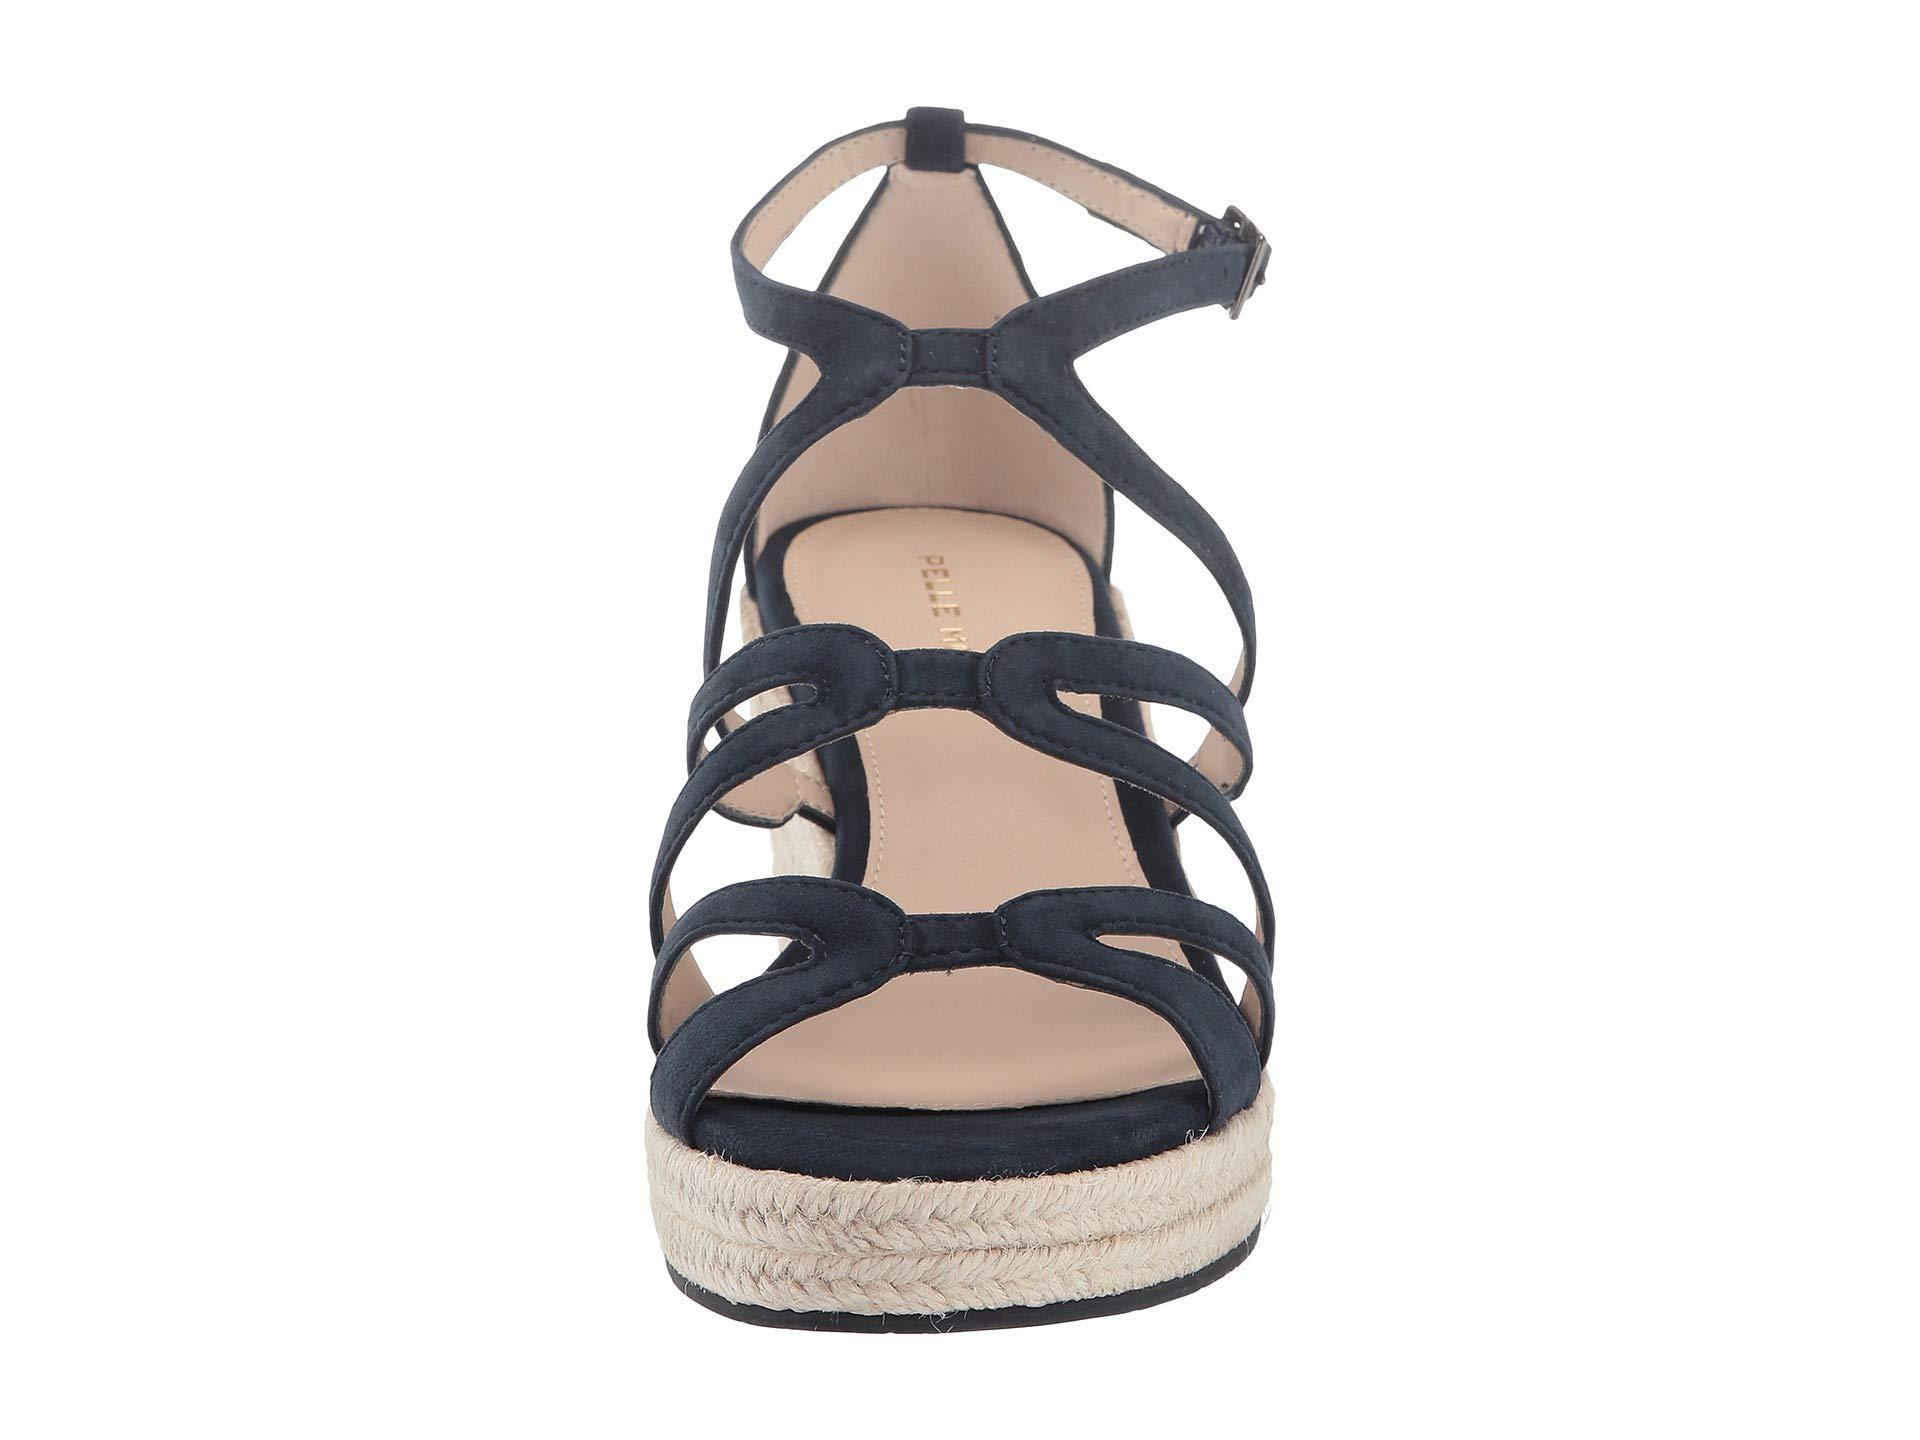 c9d6c35ae62 Lyst - Pelle Moda Kyrell (black Suede) Women's Dress Sandals in Blue